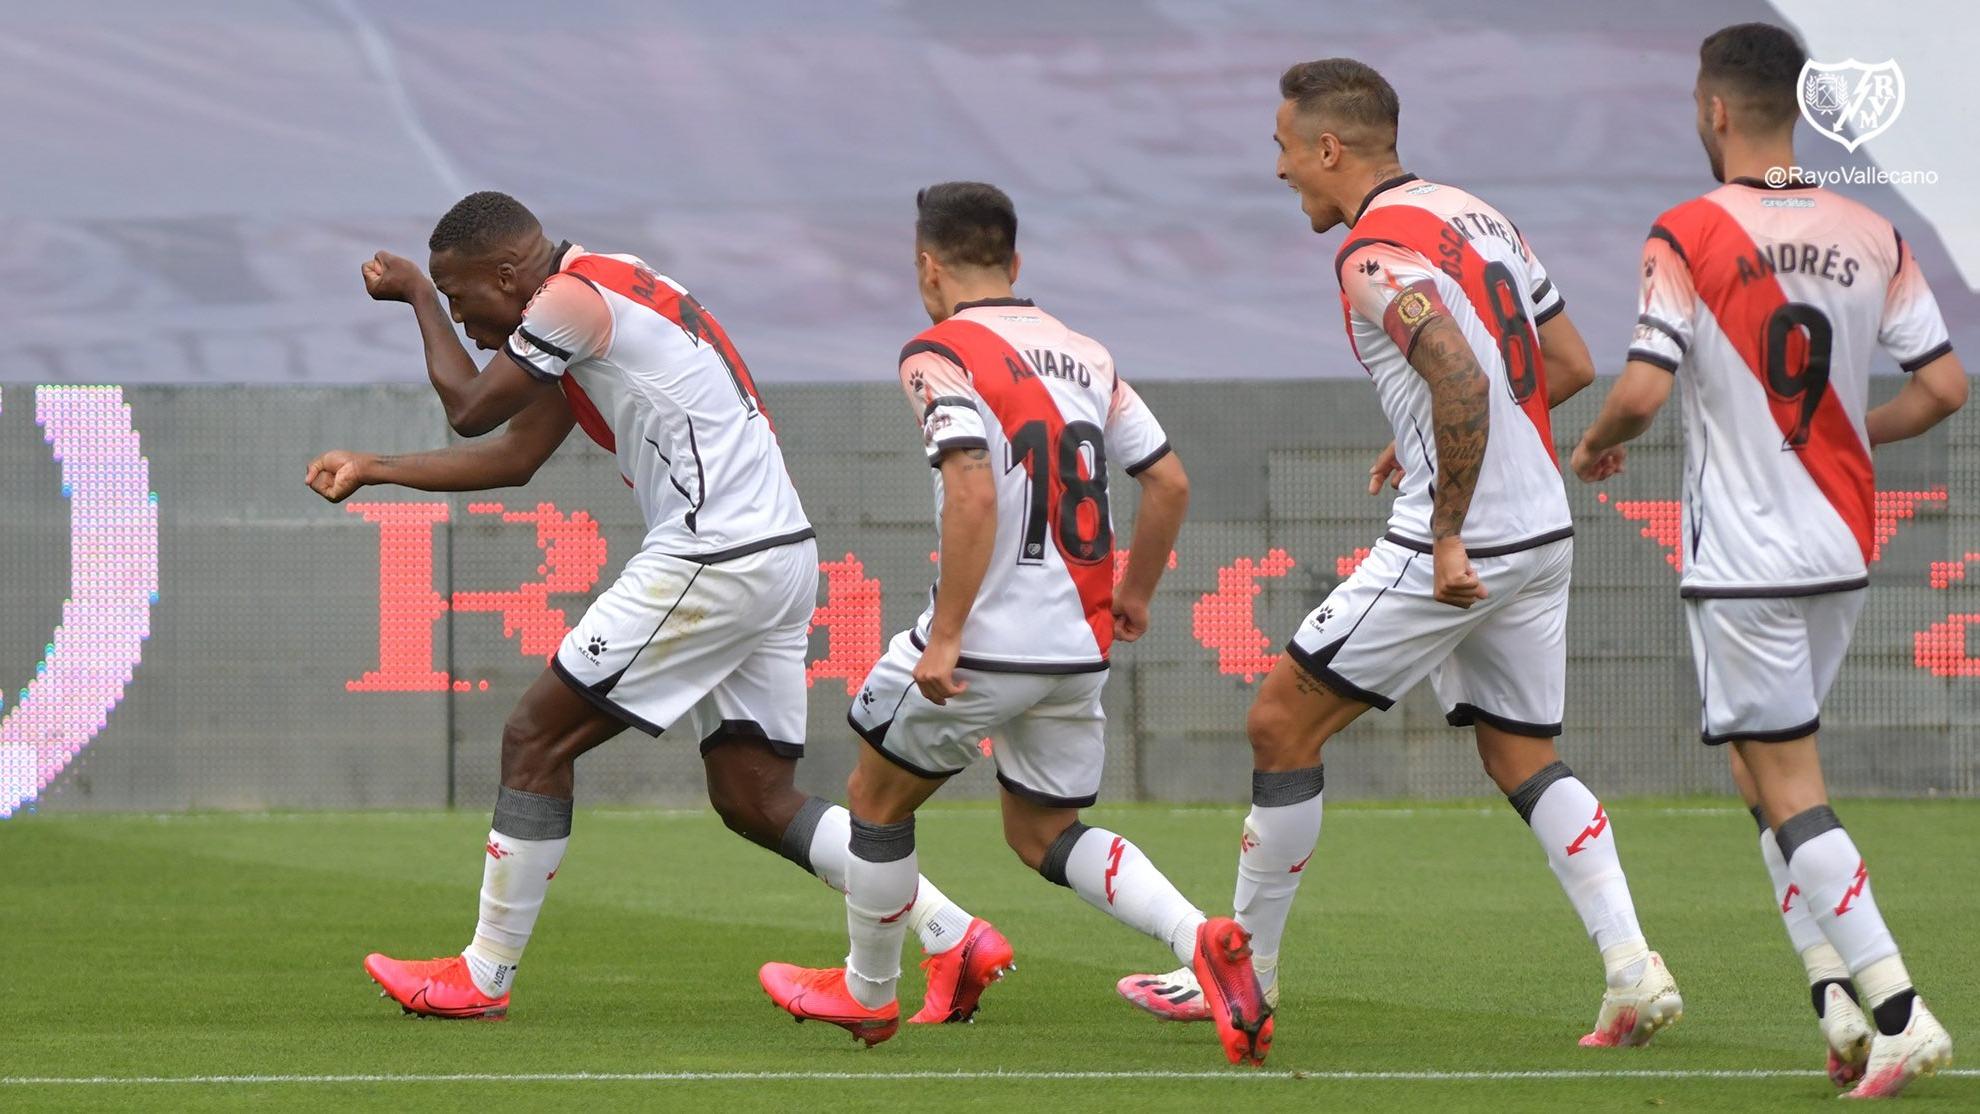 Este fue el gol que Luis Advíncula marcó con el Rayo Vallecano.